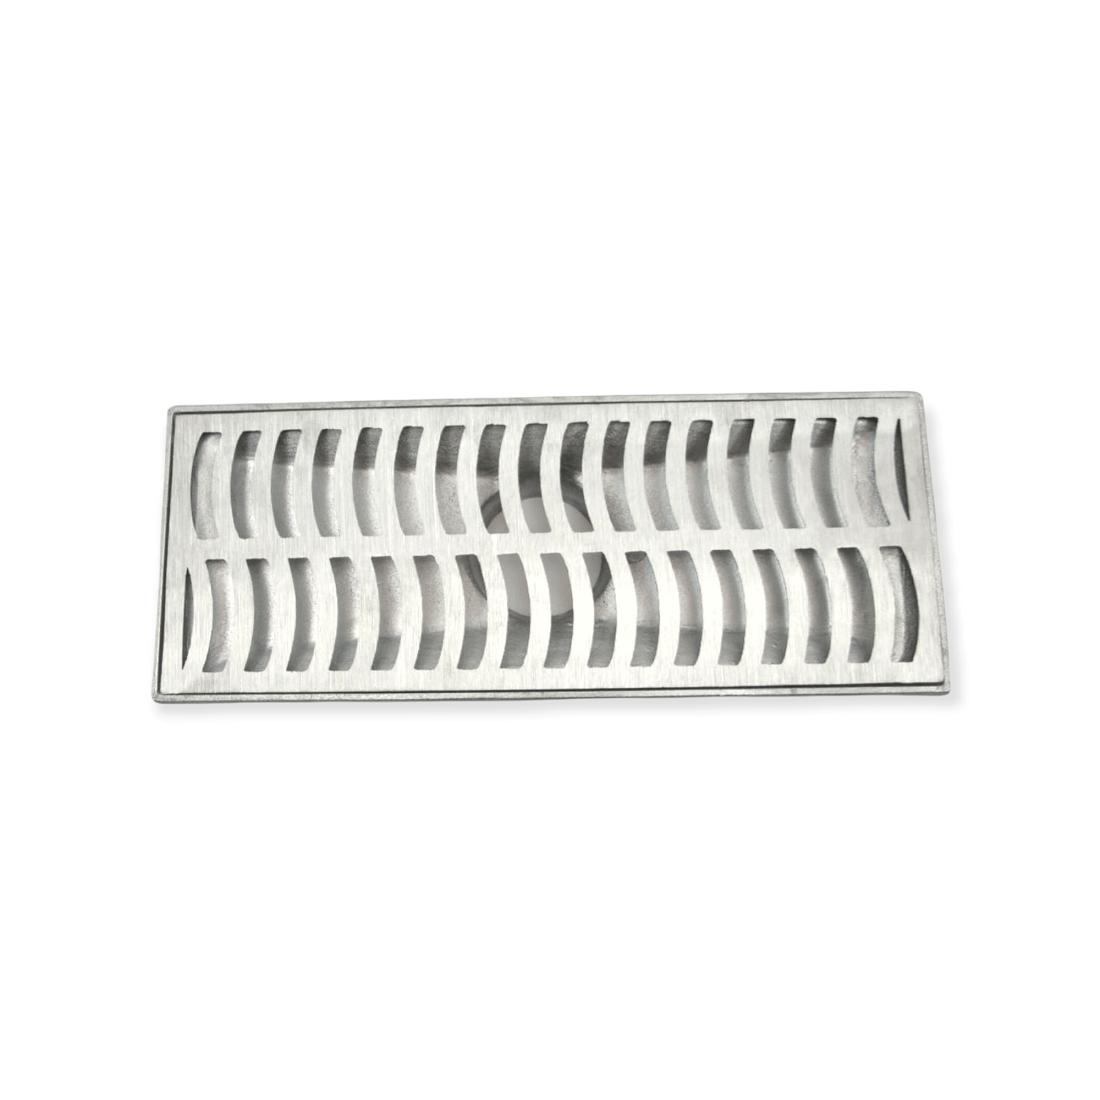 Ralo Linear com Coletor em Alumínio Fundido 20 x 50 *Exclusivo*